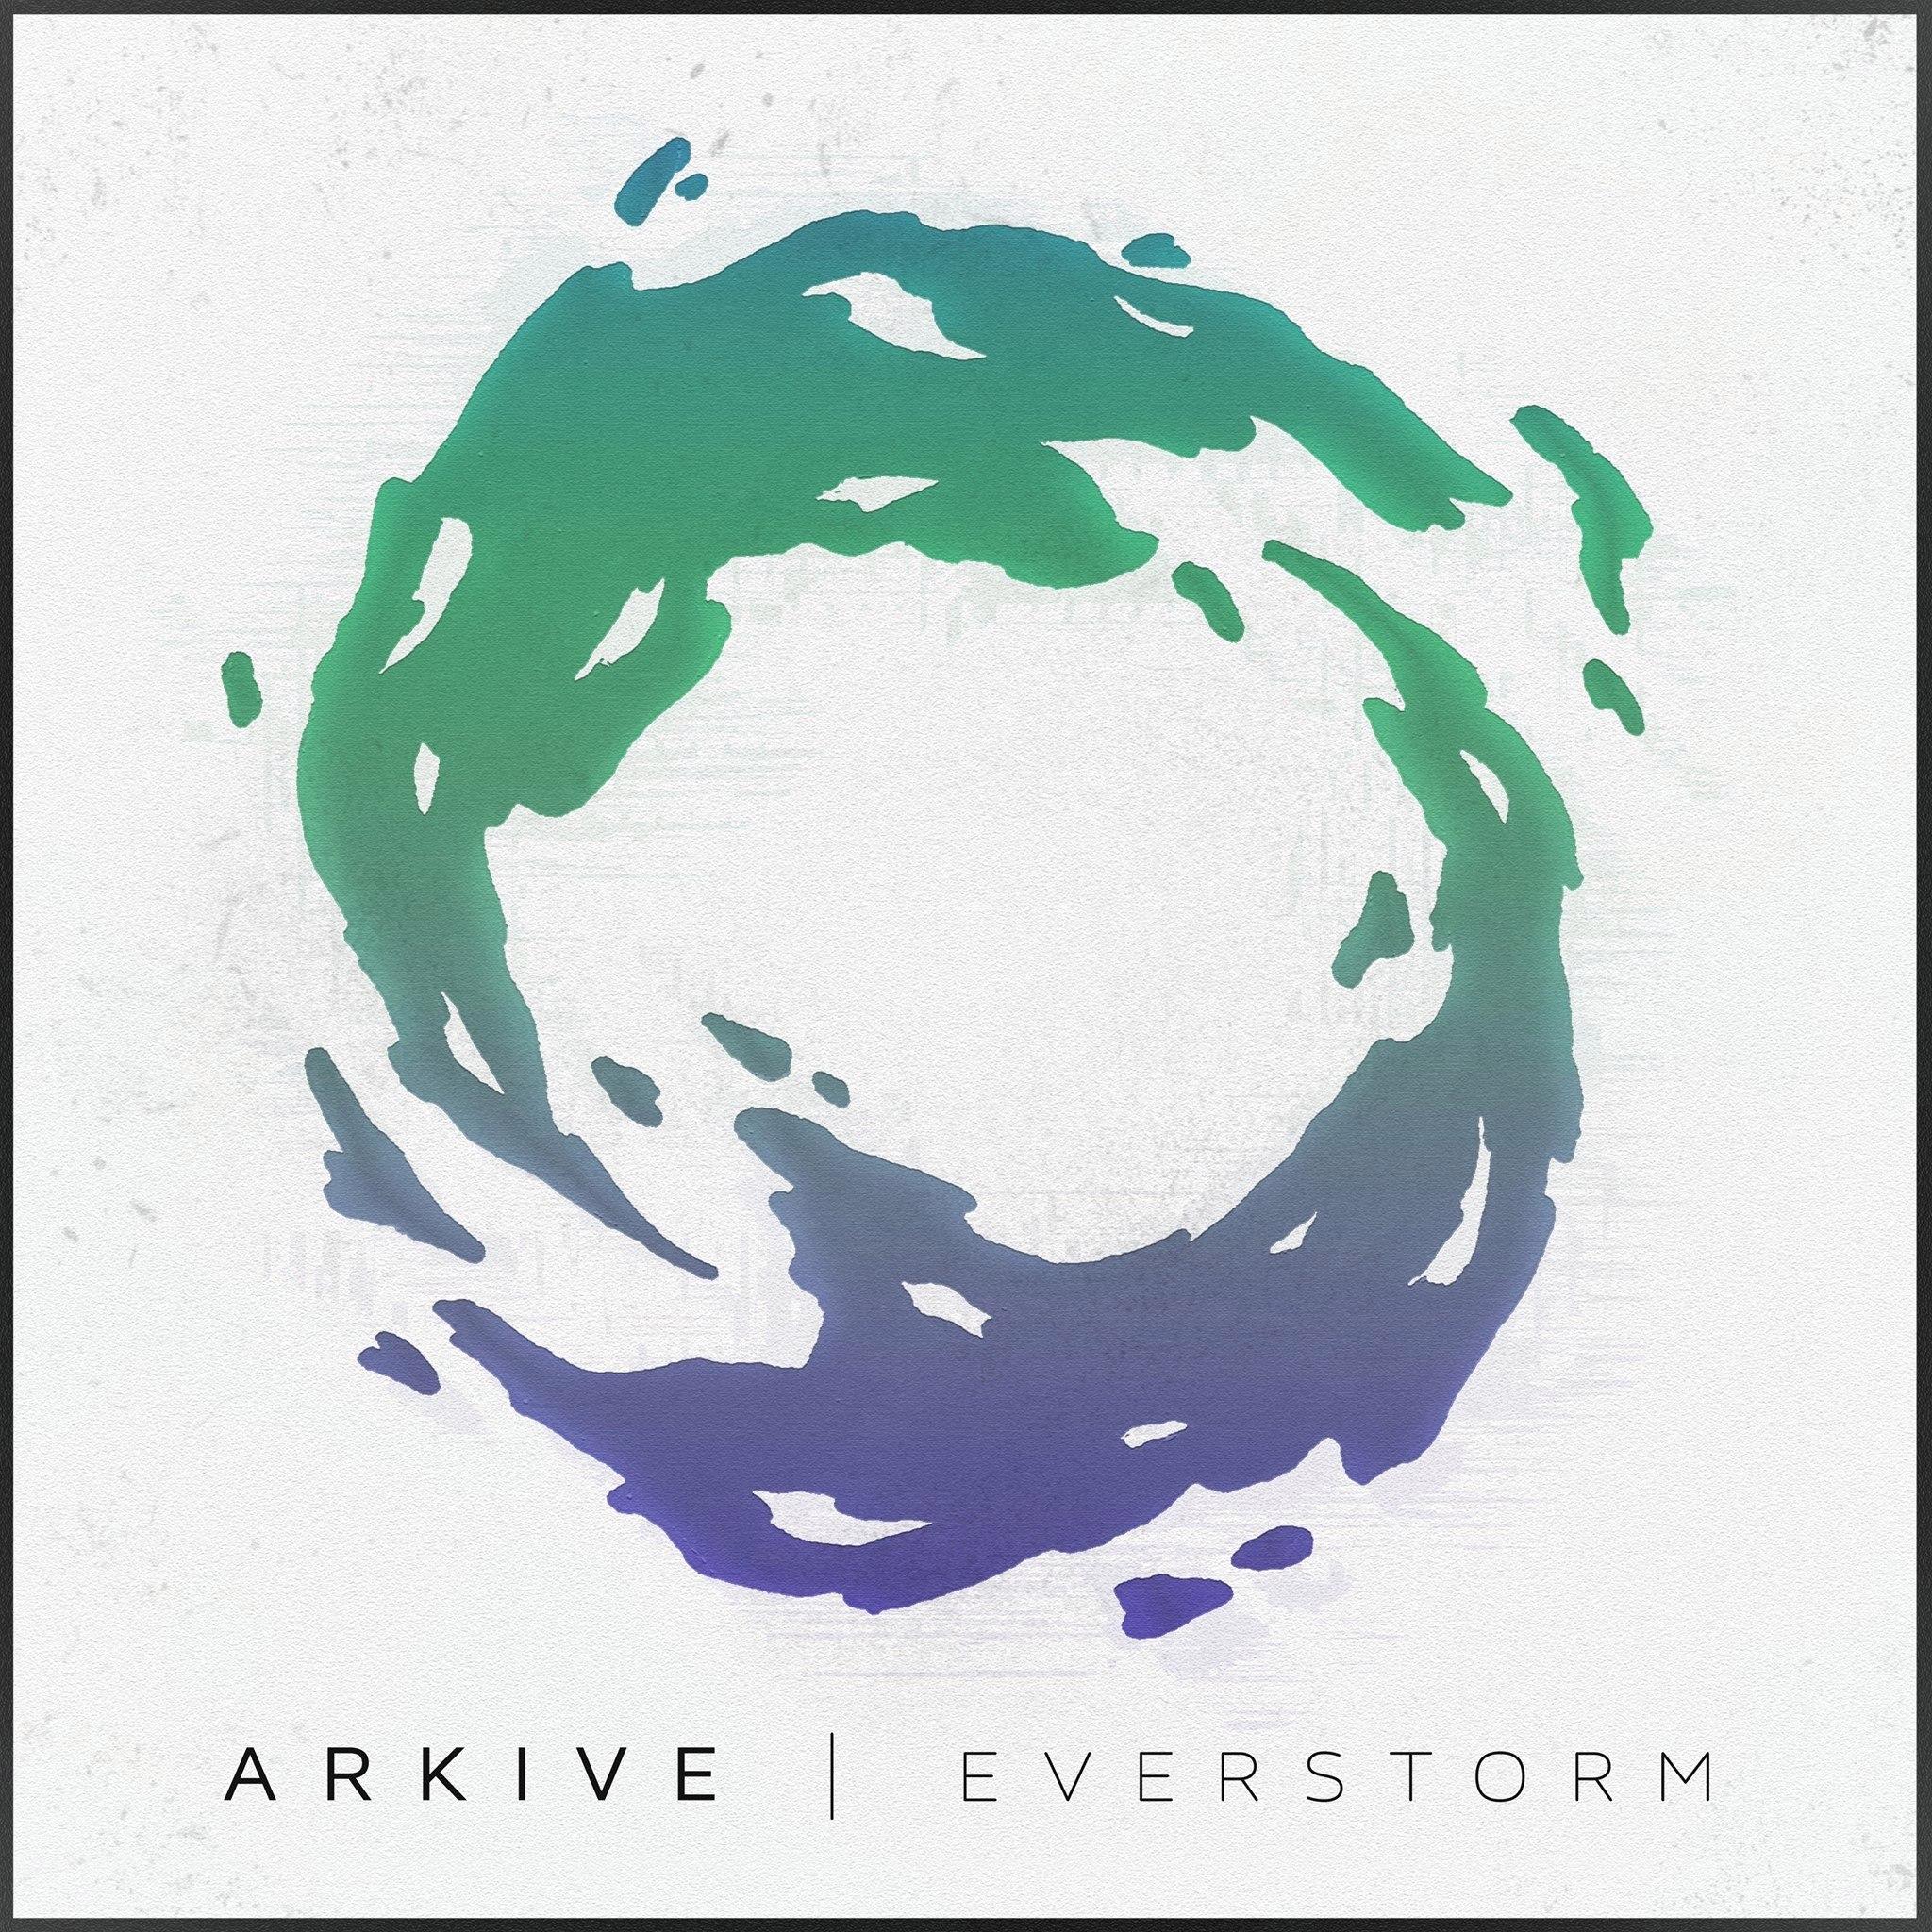 Arkive - Everstorm [single] (2016)